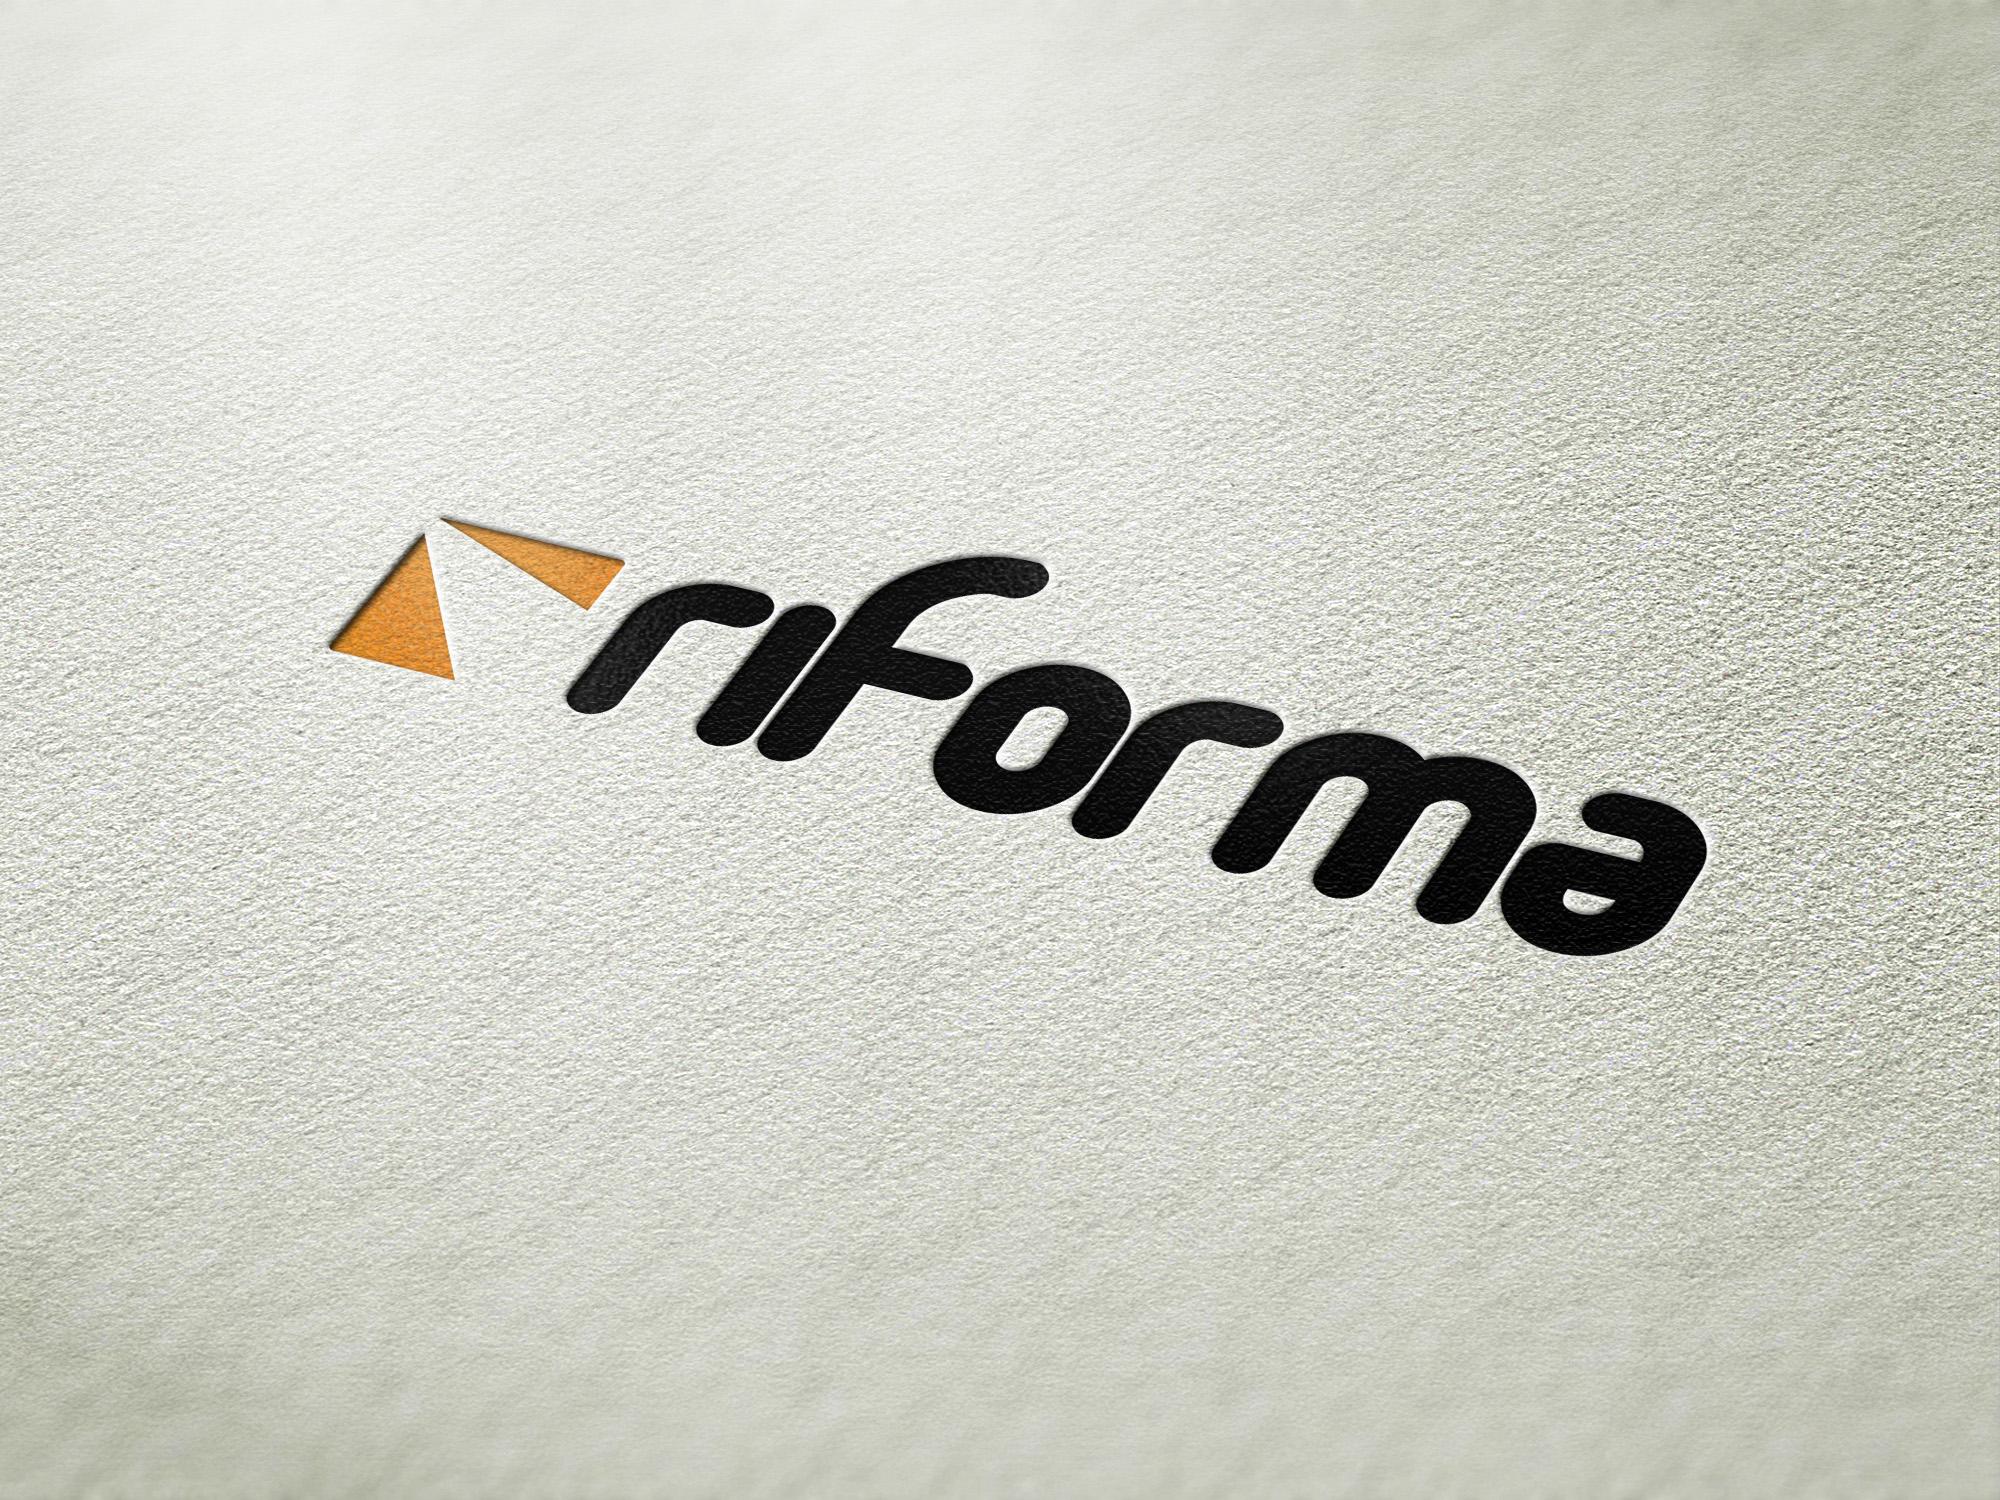 Разработка логотипа и элементов фирменного стиля фото f_1465794fa5dce7c7.jpg